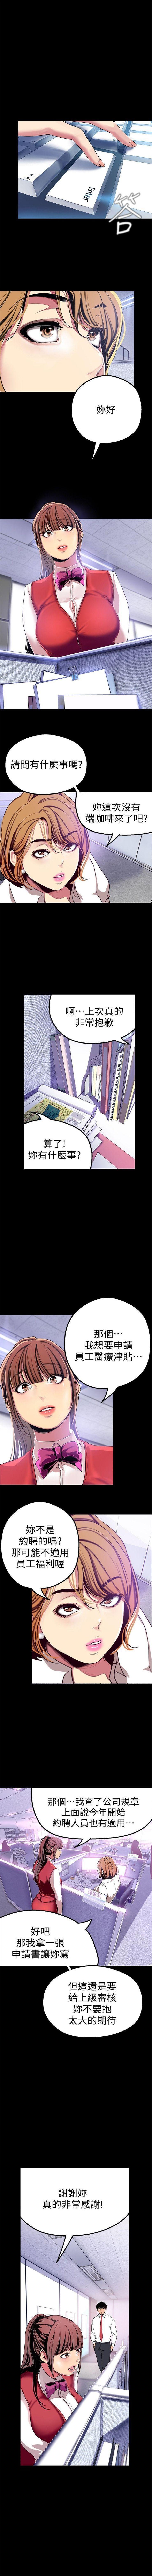 (週1)美麗新世界 1-70 中文翻譯 (更新中) 214